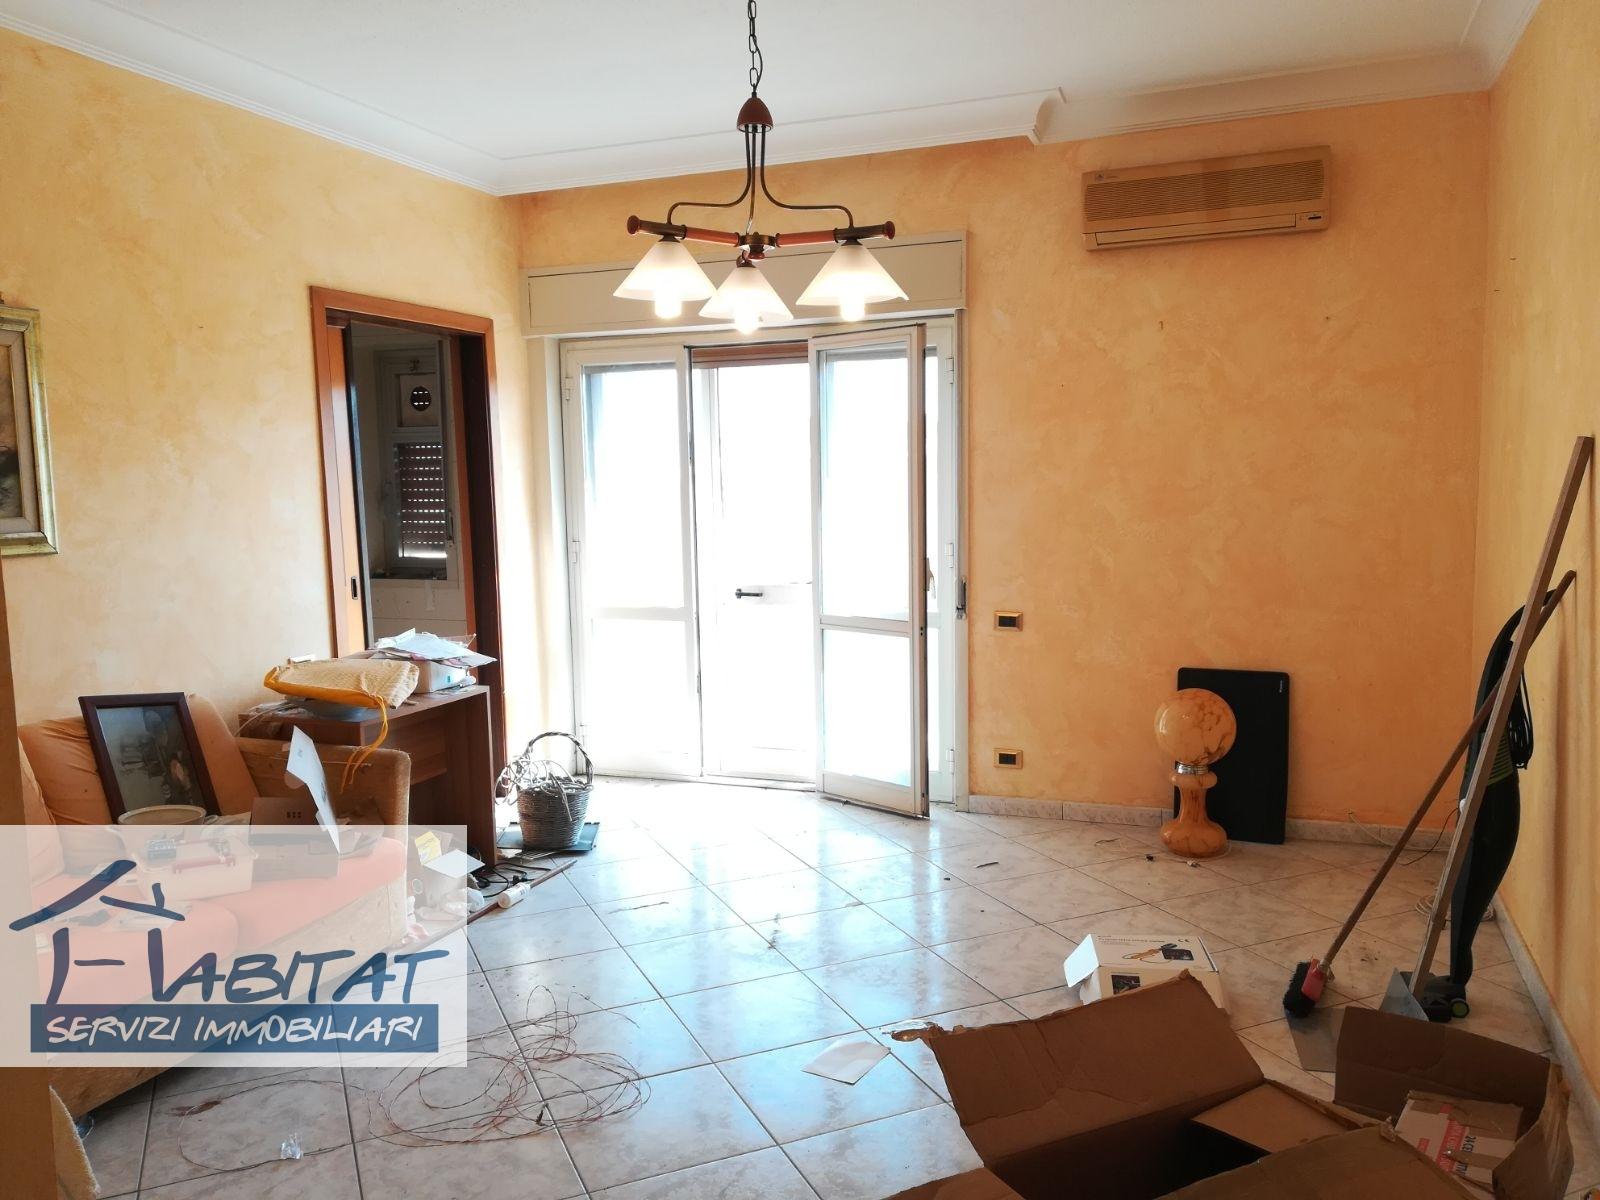 Appartamento in vendita a Agrigento, 5 locali, zona Località: VillaggioPeruzzo, prezzo € 129.000 | CambioCasa.it